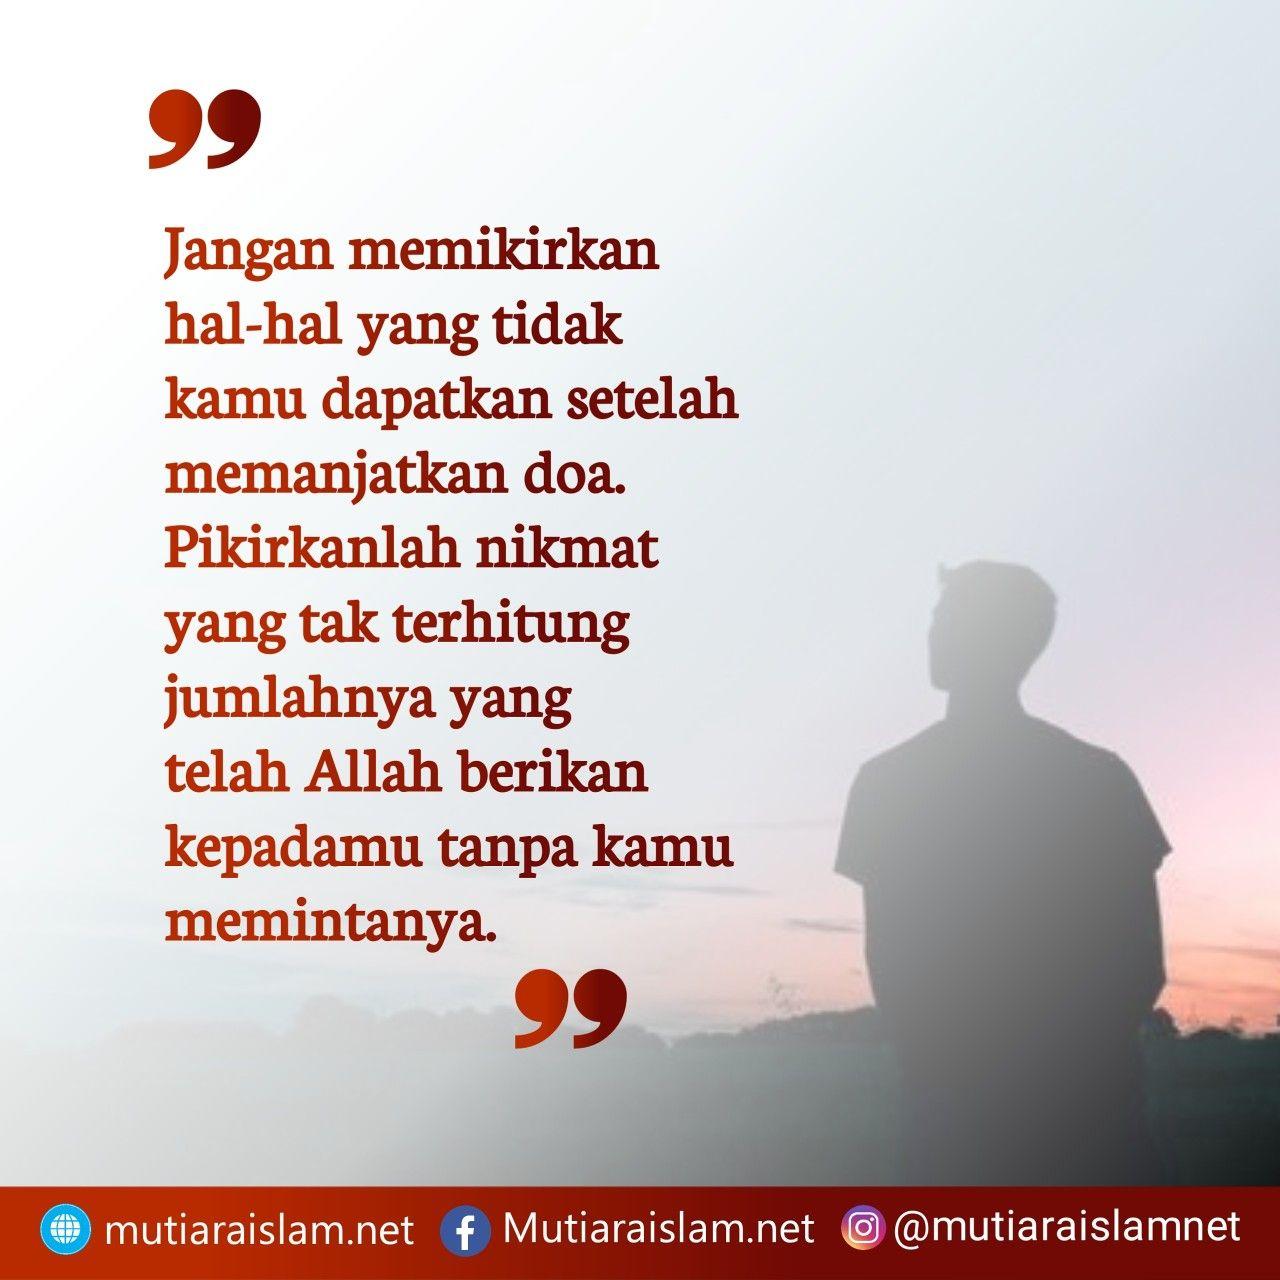 Kata Mutiara Islam Tentang Bersyukur Syukuri Nikmat Tak Terhingga Yang Allah Berikan Good Night Quotes Kata Kata Indah Kata Kata Motivasi